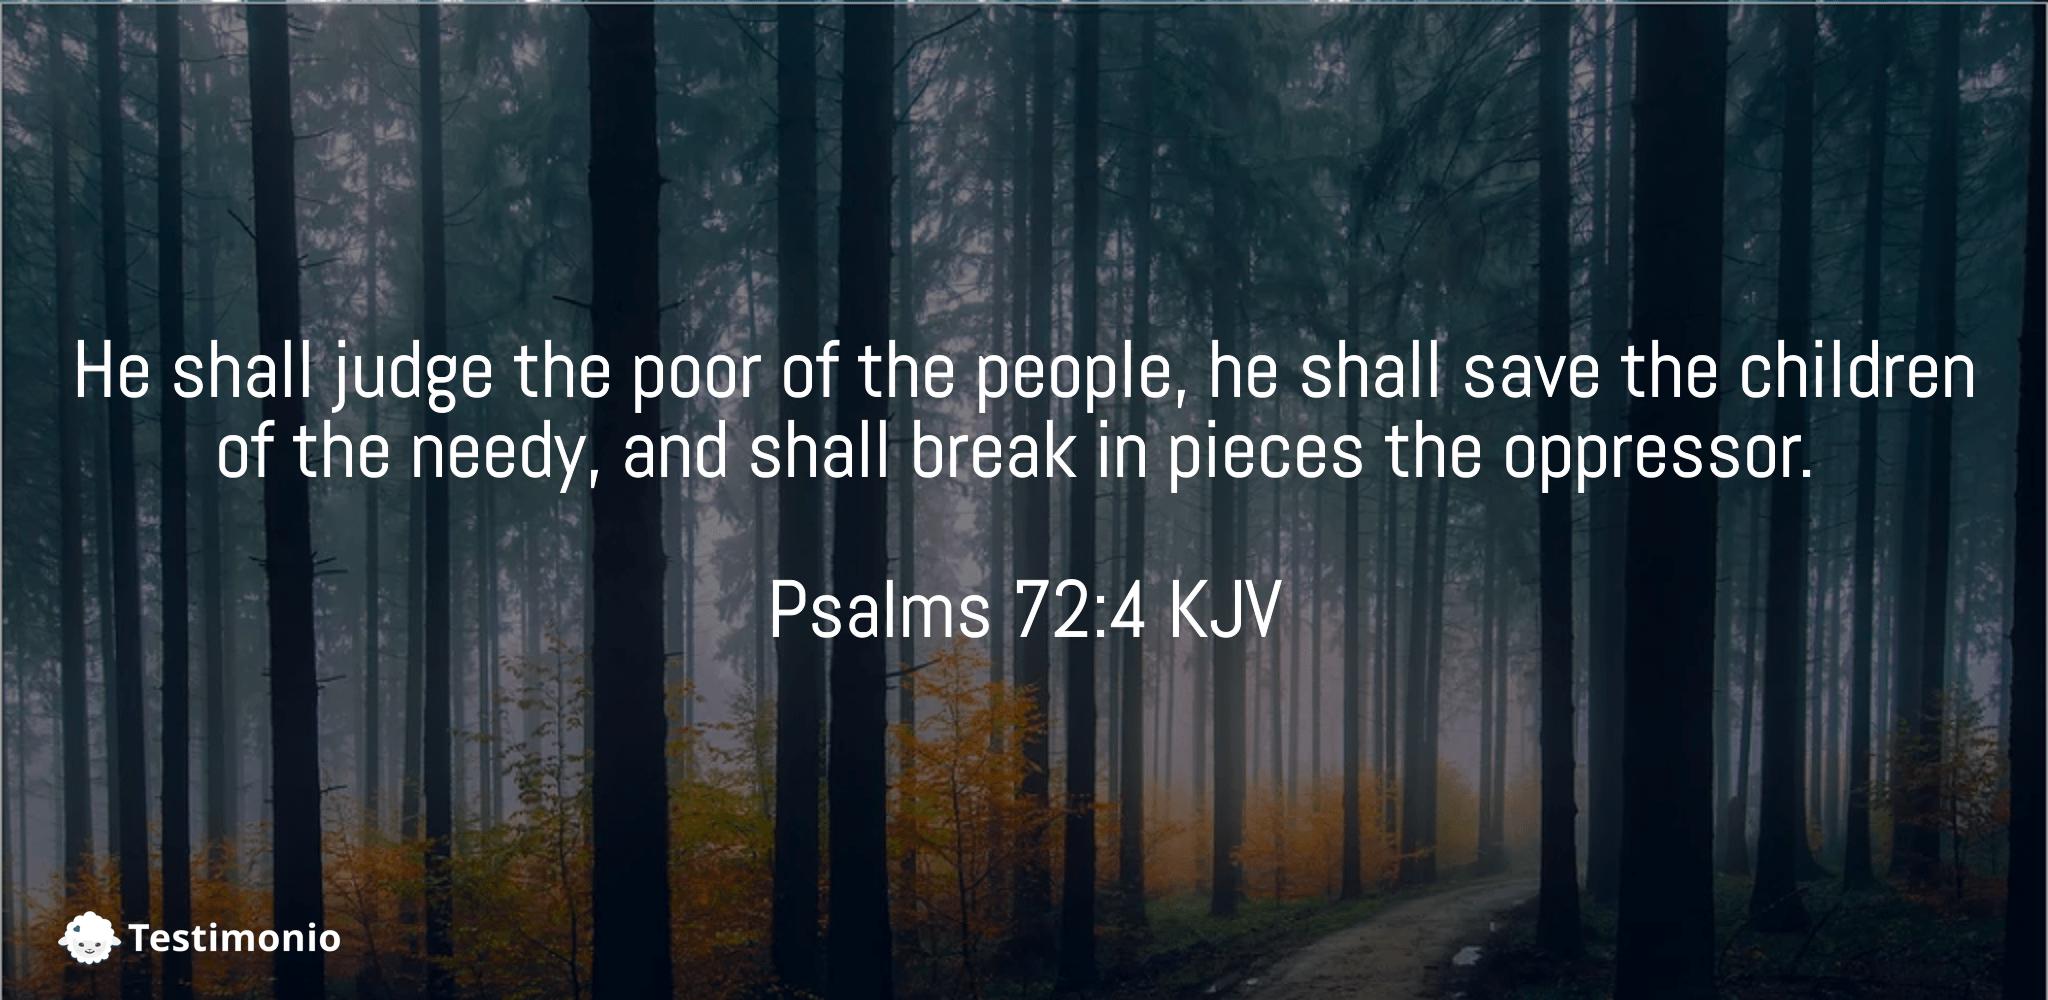 Psalms 72:4